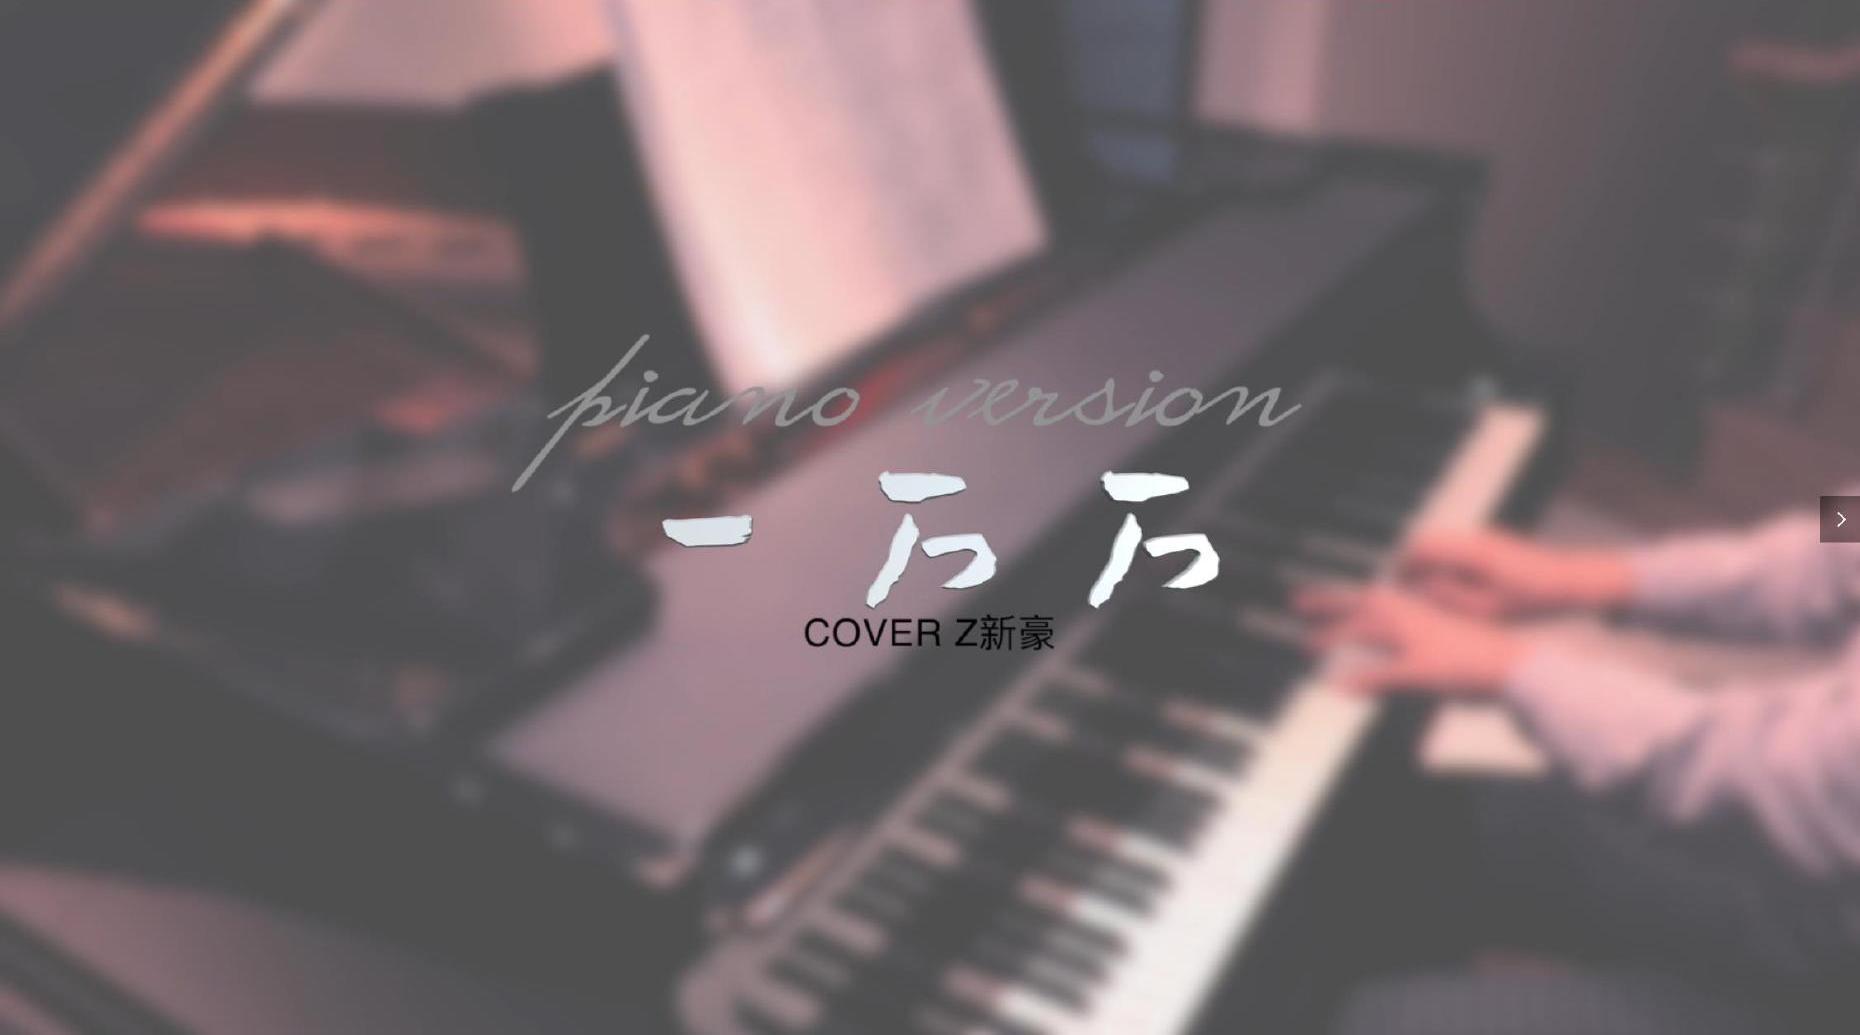 《一万万》钢琴演奏版COVER 新豪 洛天依从前有一万万 又一万万 又